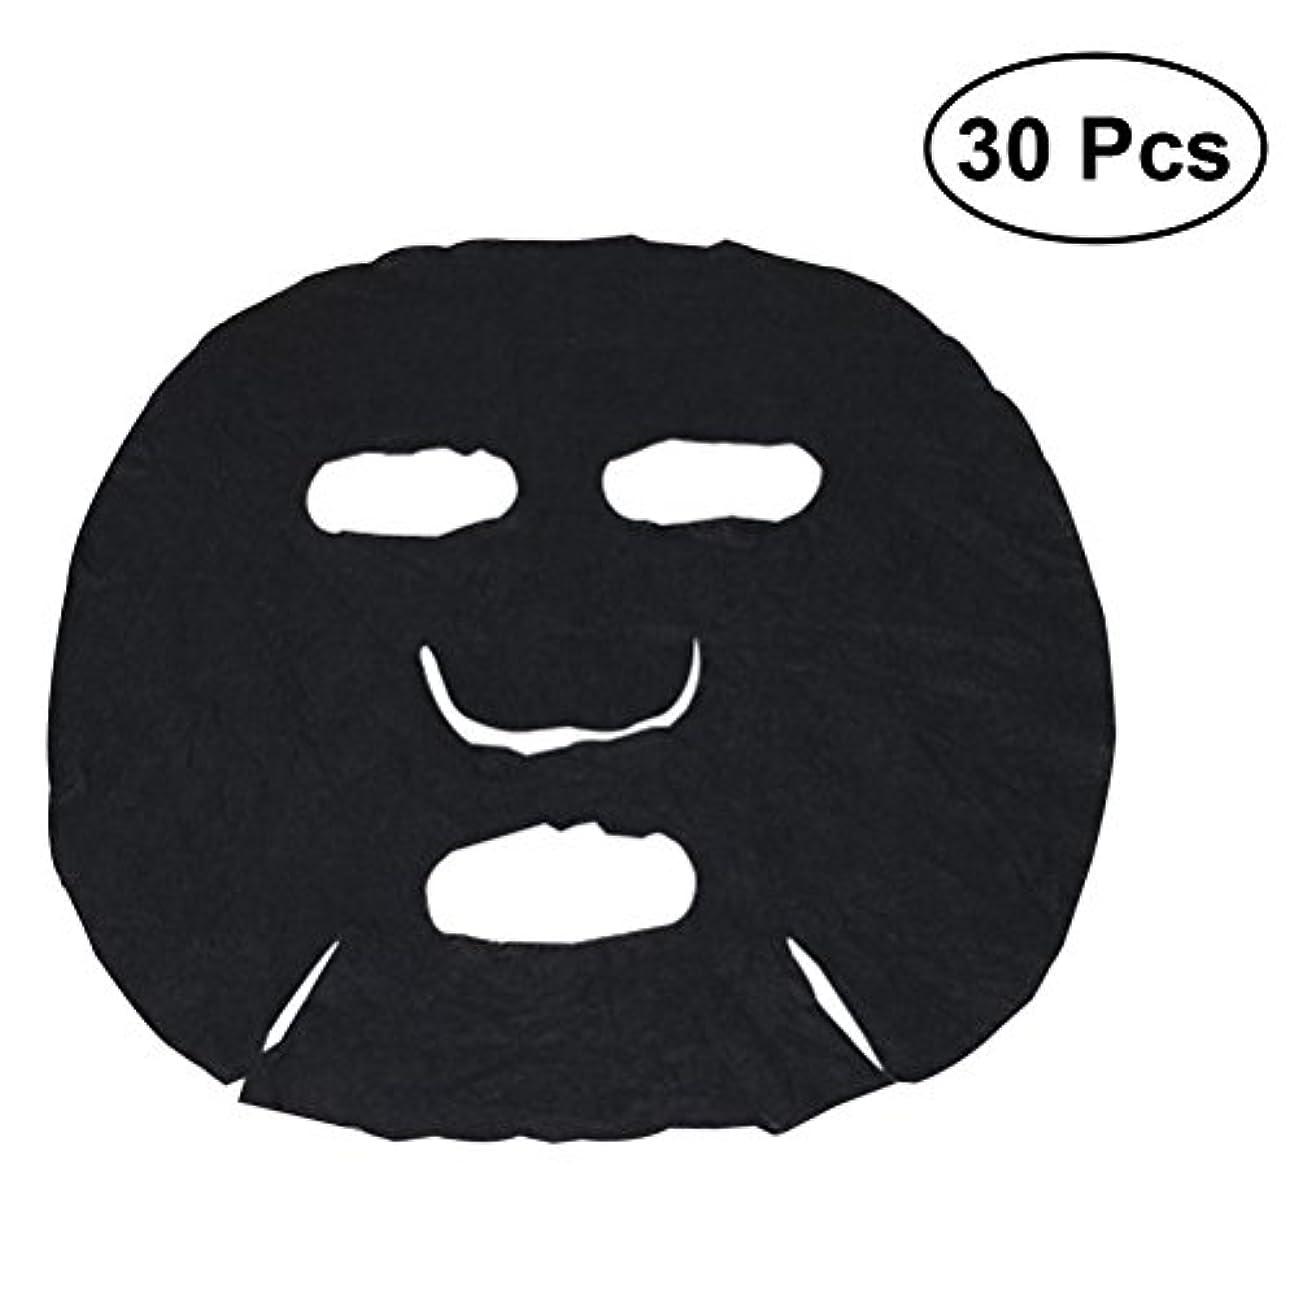 定常供給要旨Frcolor 圧縮マスク 圧縮フェイスパック 竹炭 圧縮マスクシート スキンケア DIY 30枚入り 携帯便利 使い捨て